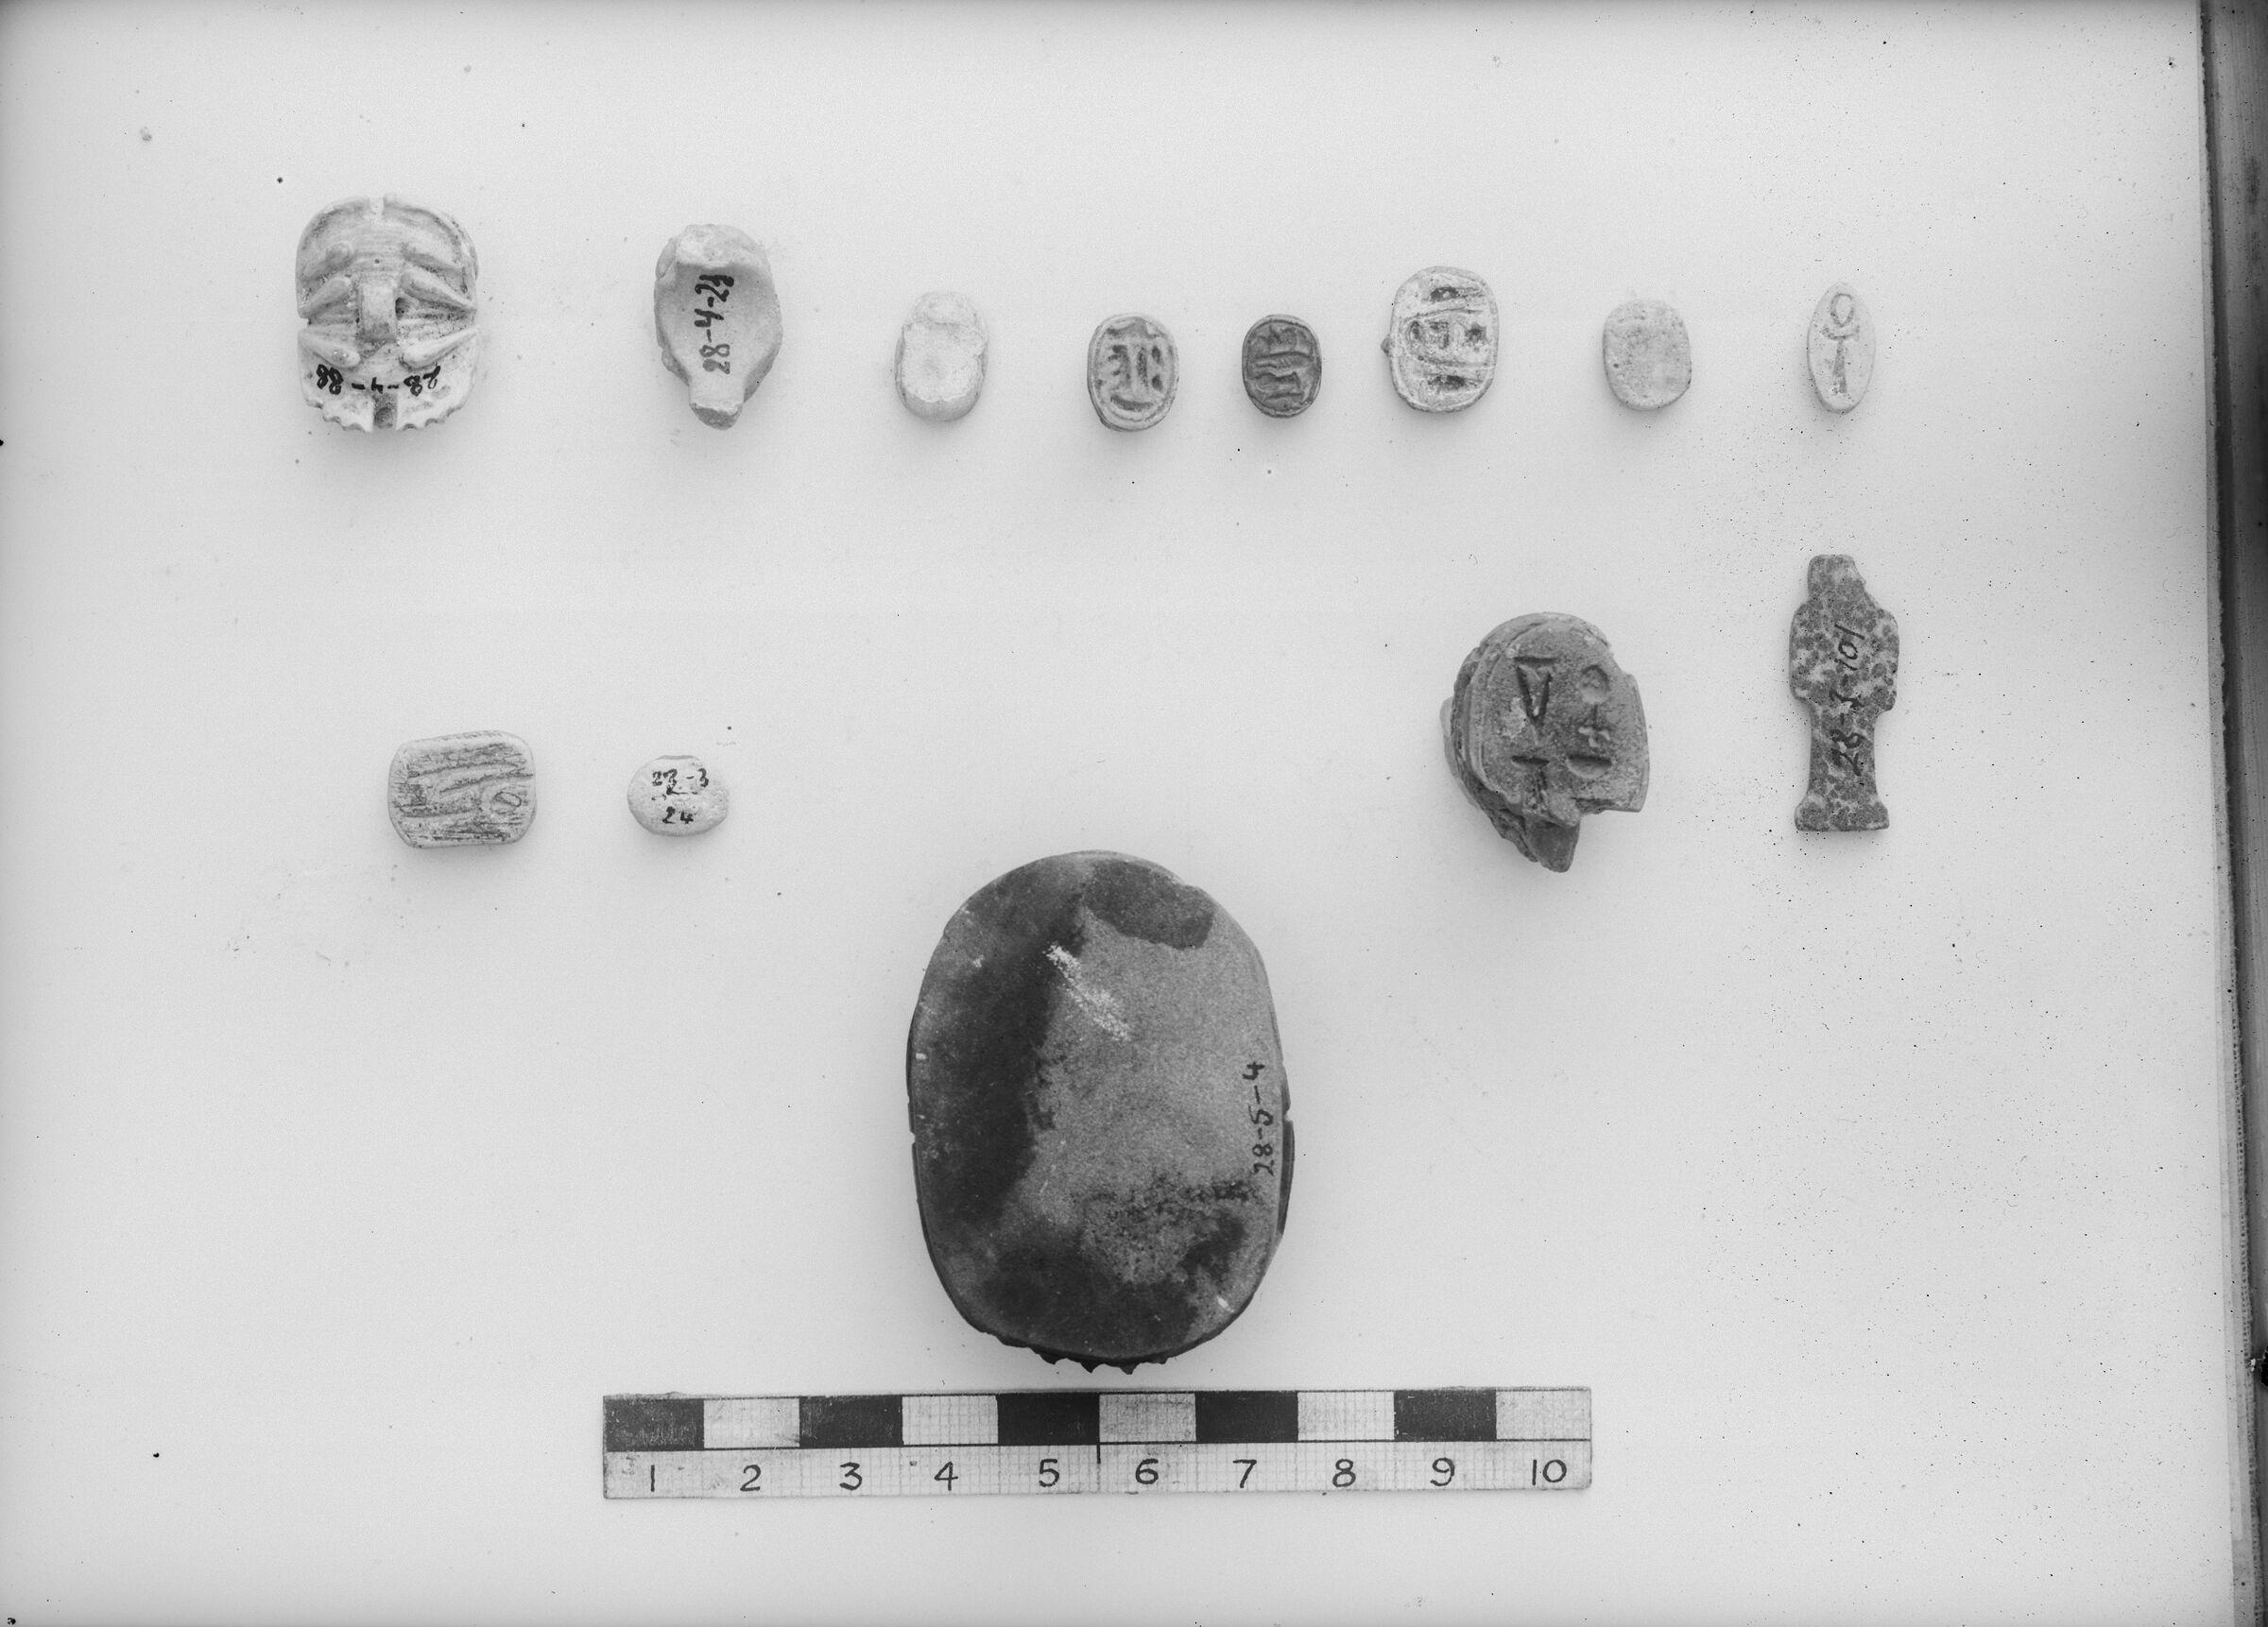 Object(s) photograph: Site: Giza; view: G 7792, G 7350, G 7690, G 7000 SE 41, G 7787, G 7520, G 7530-7540, street G 7400, G 7775, G 7690, G 7793, G 7792, G 7650